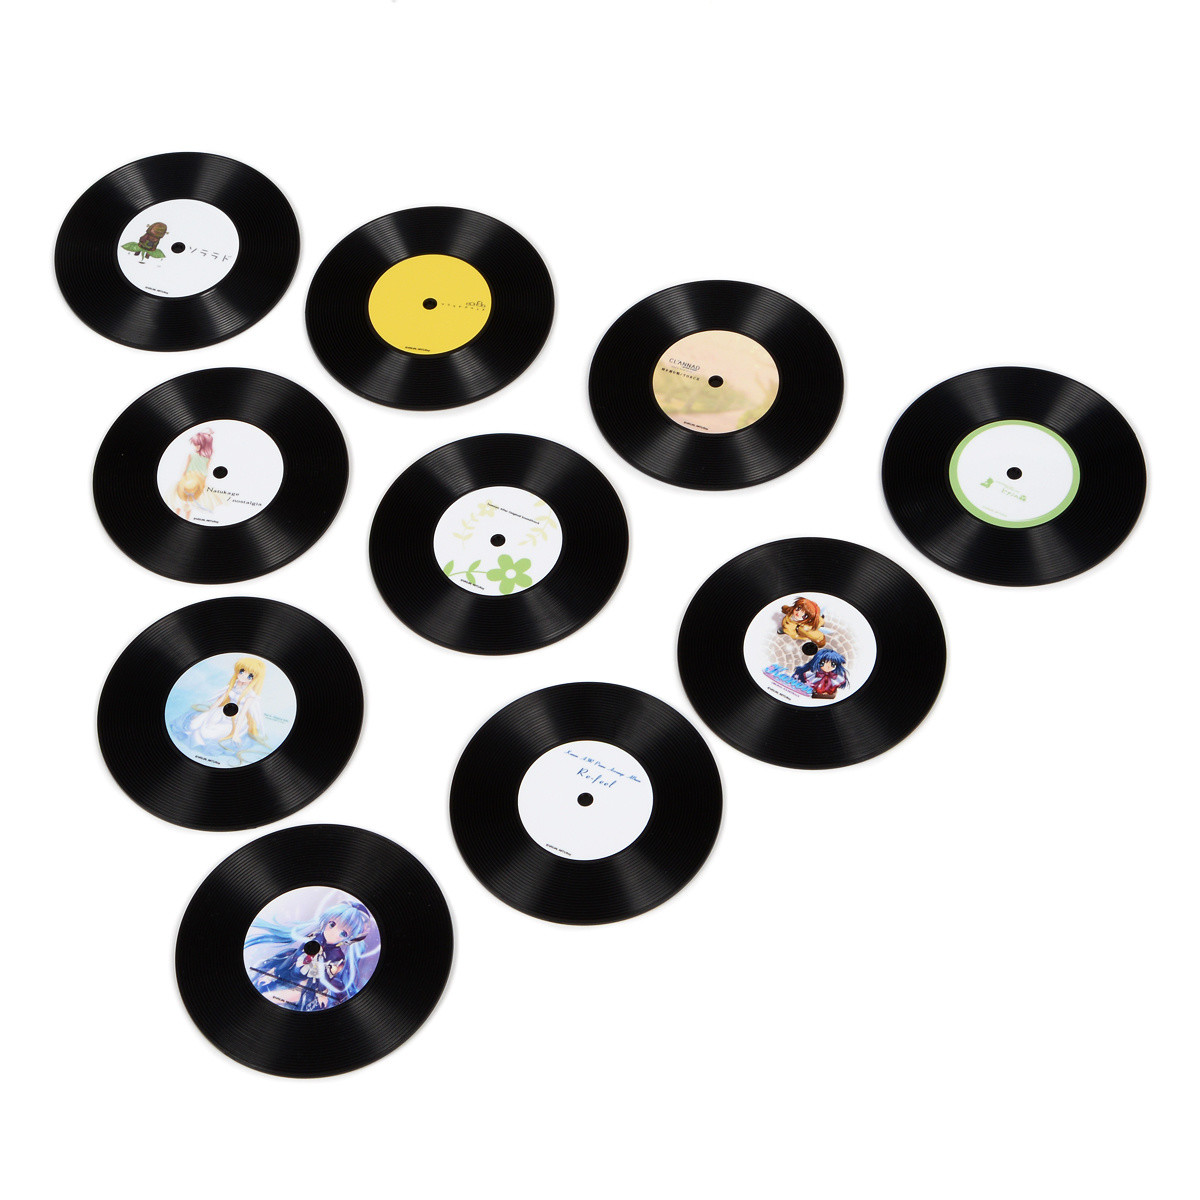 Key 20th Anniversary トレーディングレコードコースター vol.1